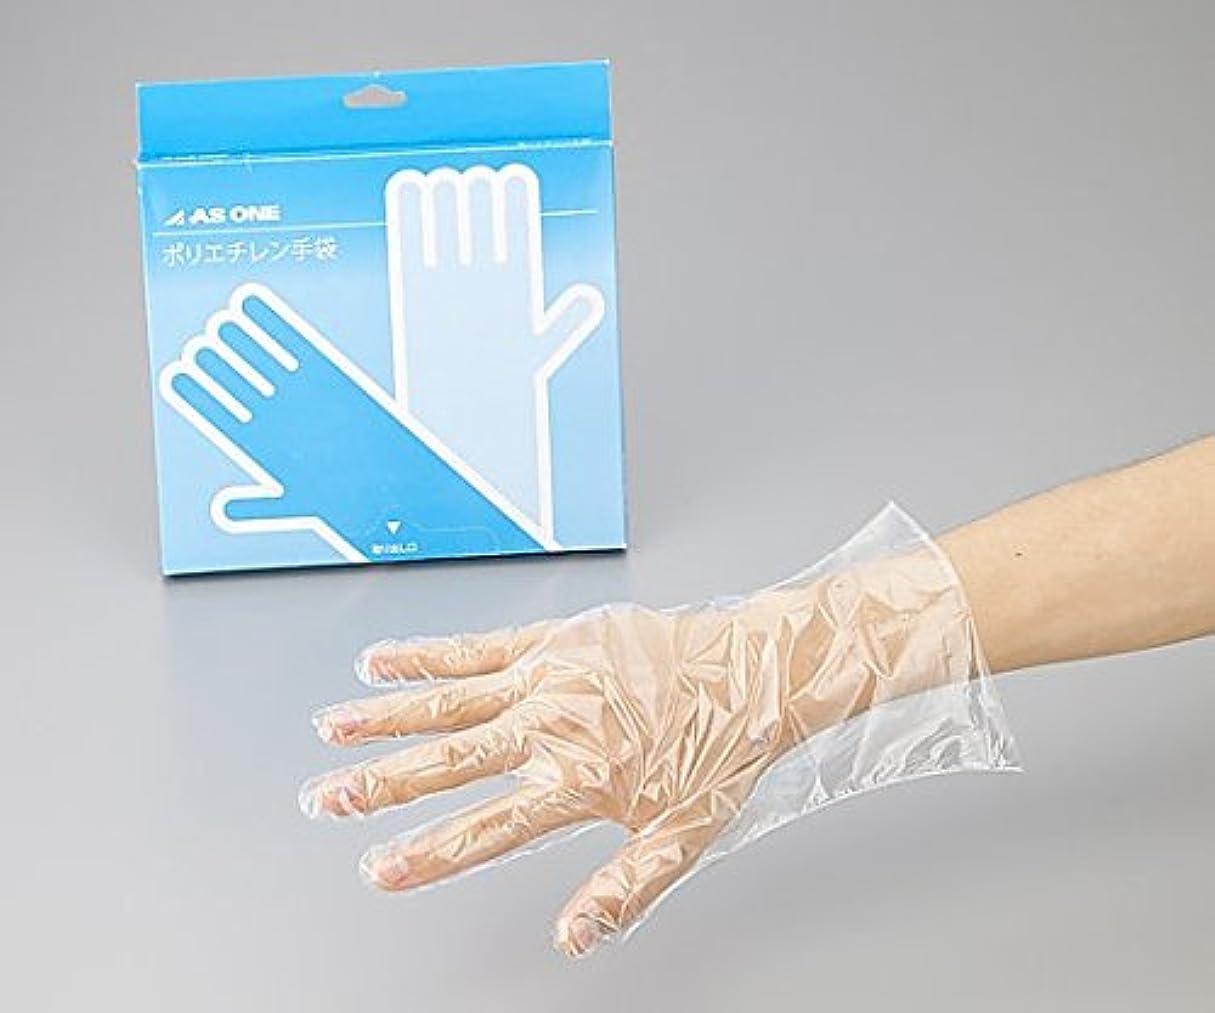 外観消費ミニアズワン2-4974-03ポリエチレン手袋ヘビー厚手S100枚入